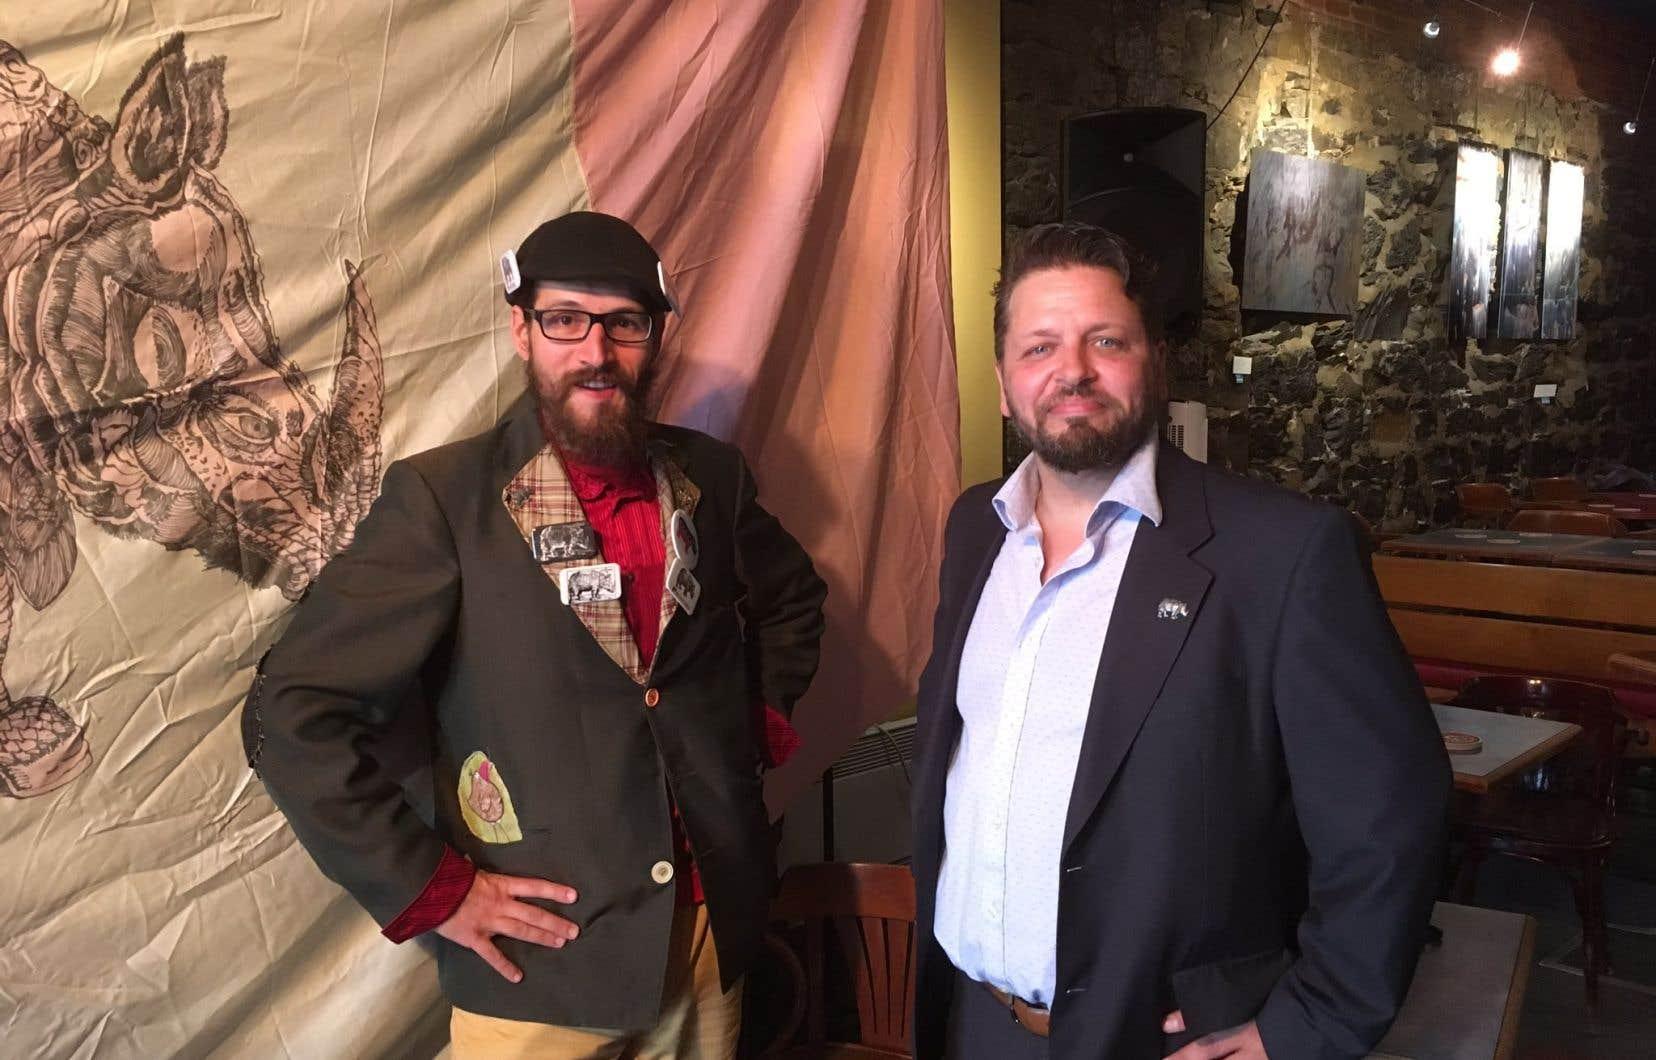 Le Parti rhinocéros a réussi à dénicher un candidat qui se nomme Maxime Bernier (à droite) pour affronter le chef du Parti populaire du Canada dans son fief beauceron lors de l'élection fédérale du 21octobre.